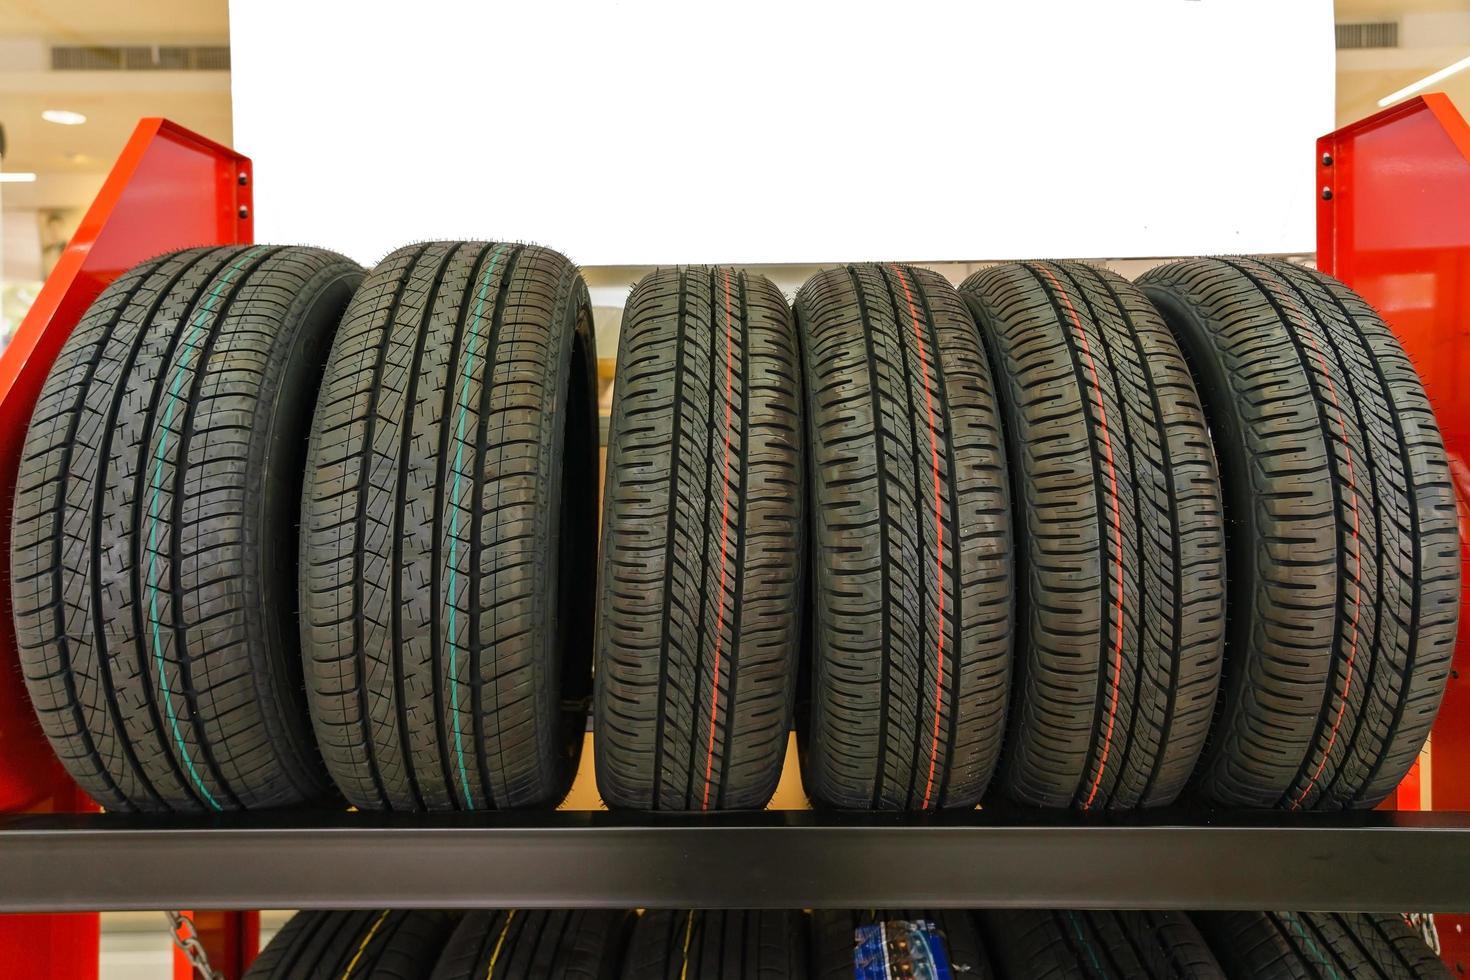 nuovi pneumatici in vendita foto